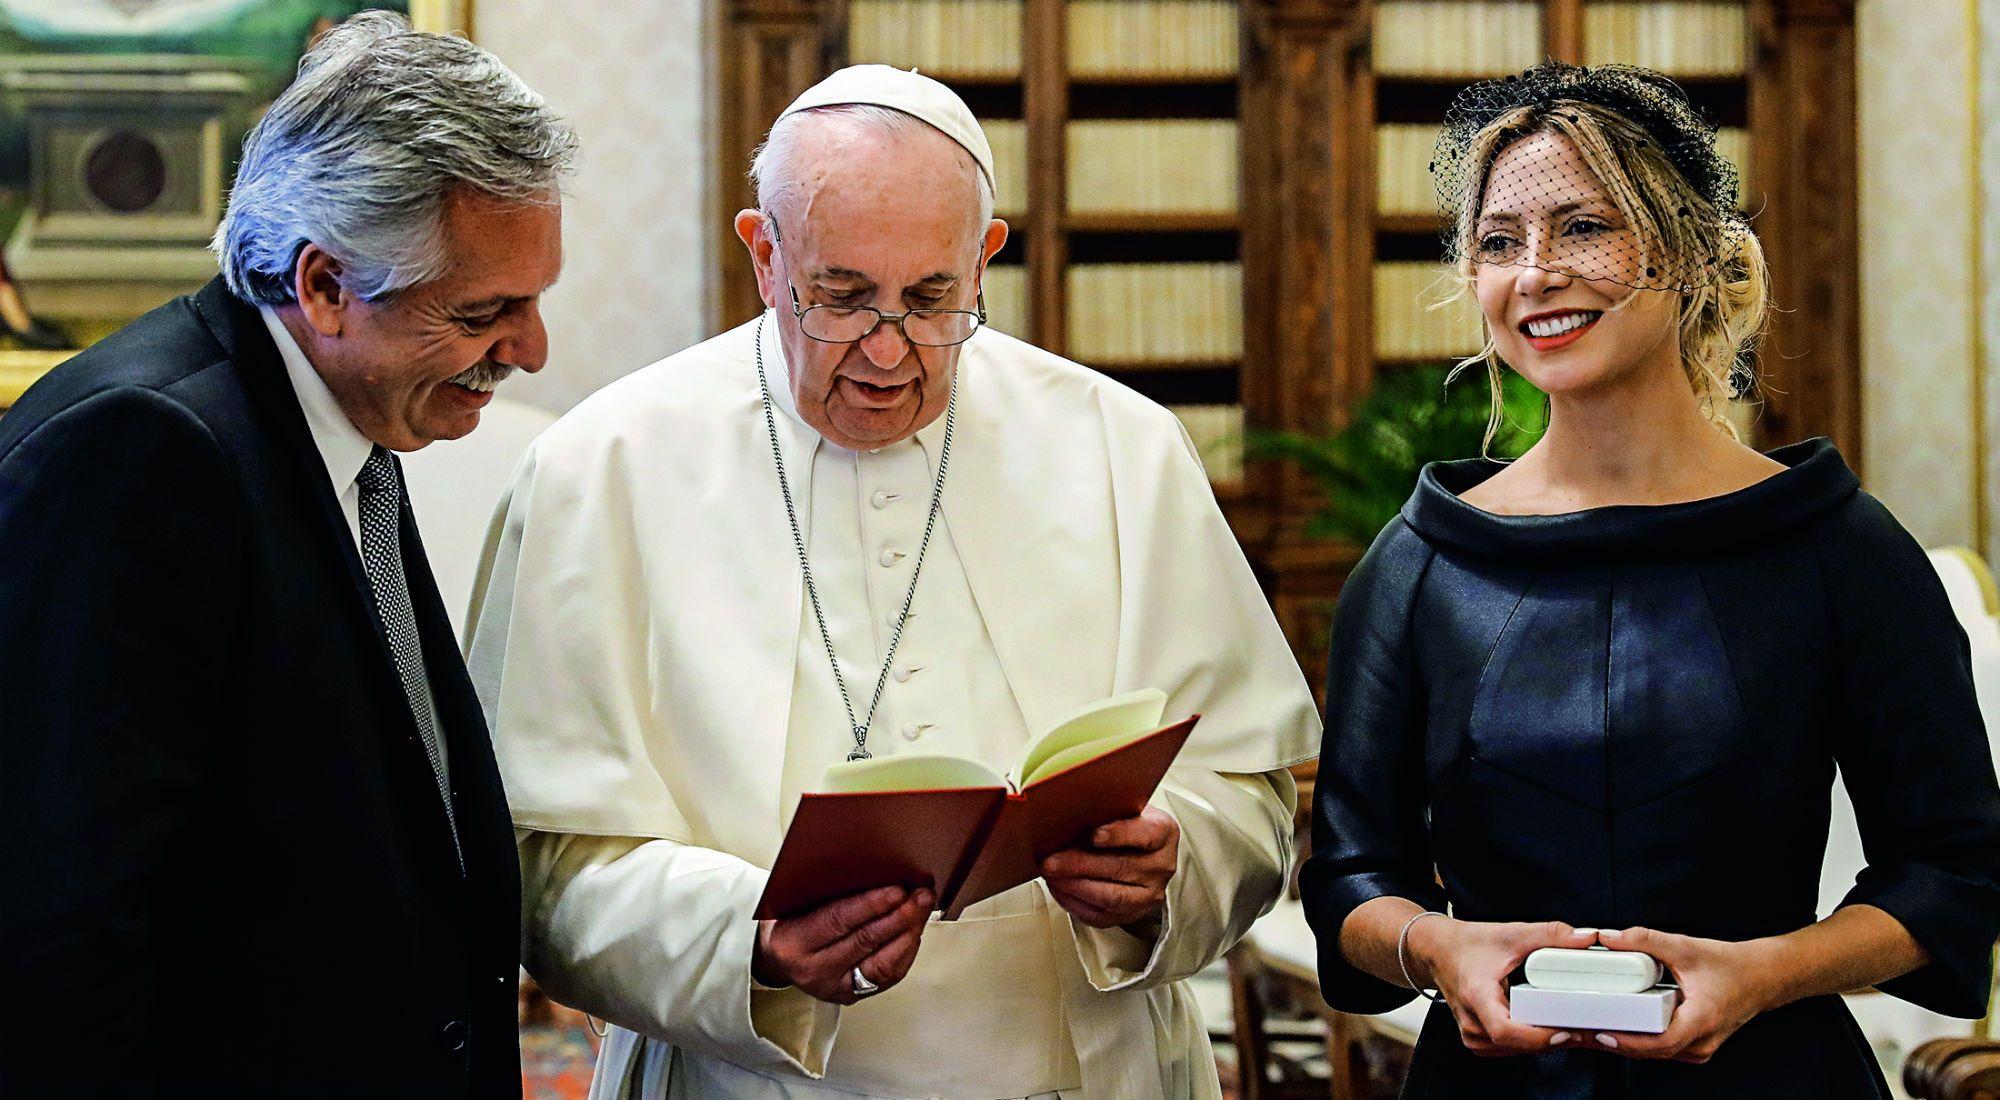 El saludo del papa Francisco a Alberto Fernández por el 25 de mayo